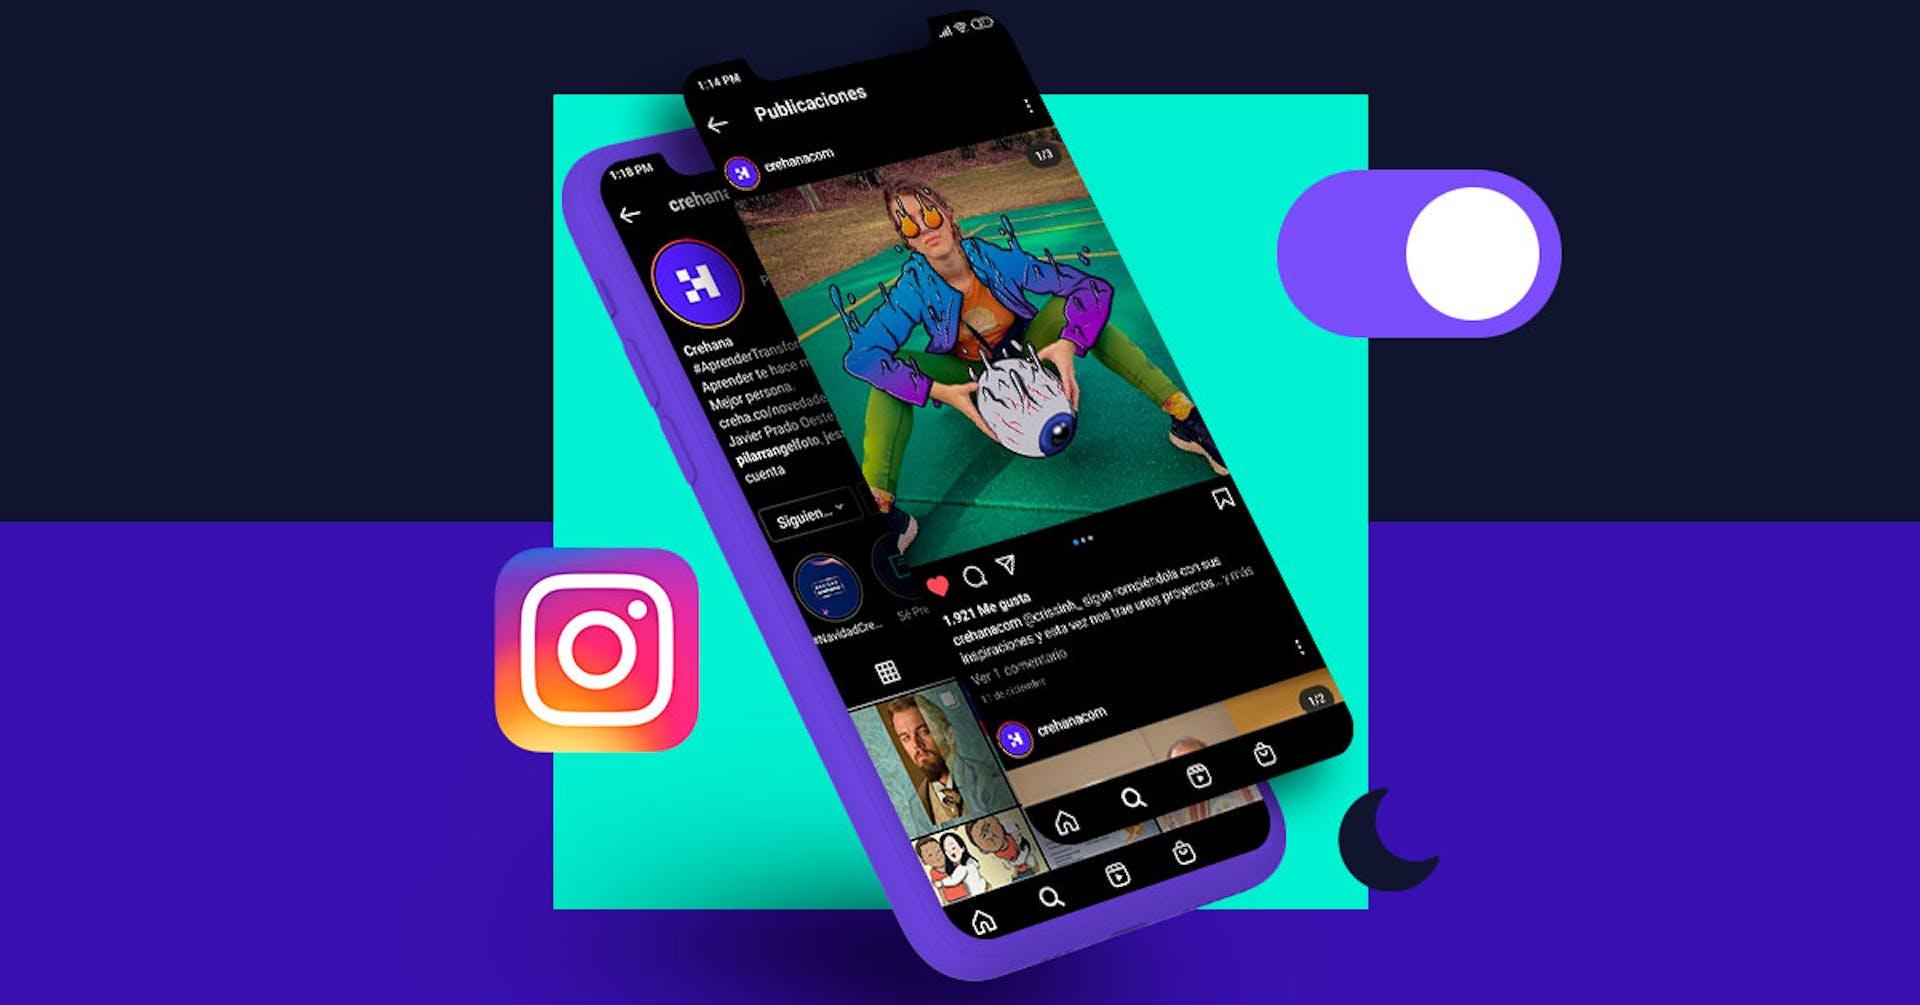 ¿Cómo poner el modo oscuro en Instagram? Dale descanso a tus ojos